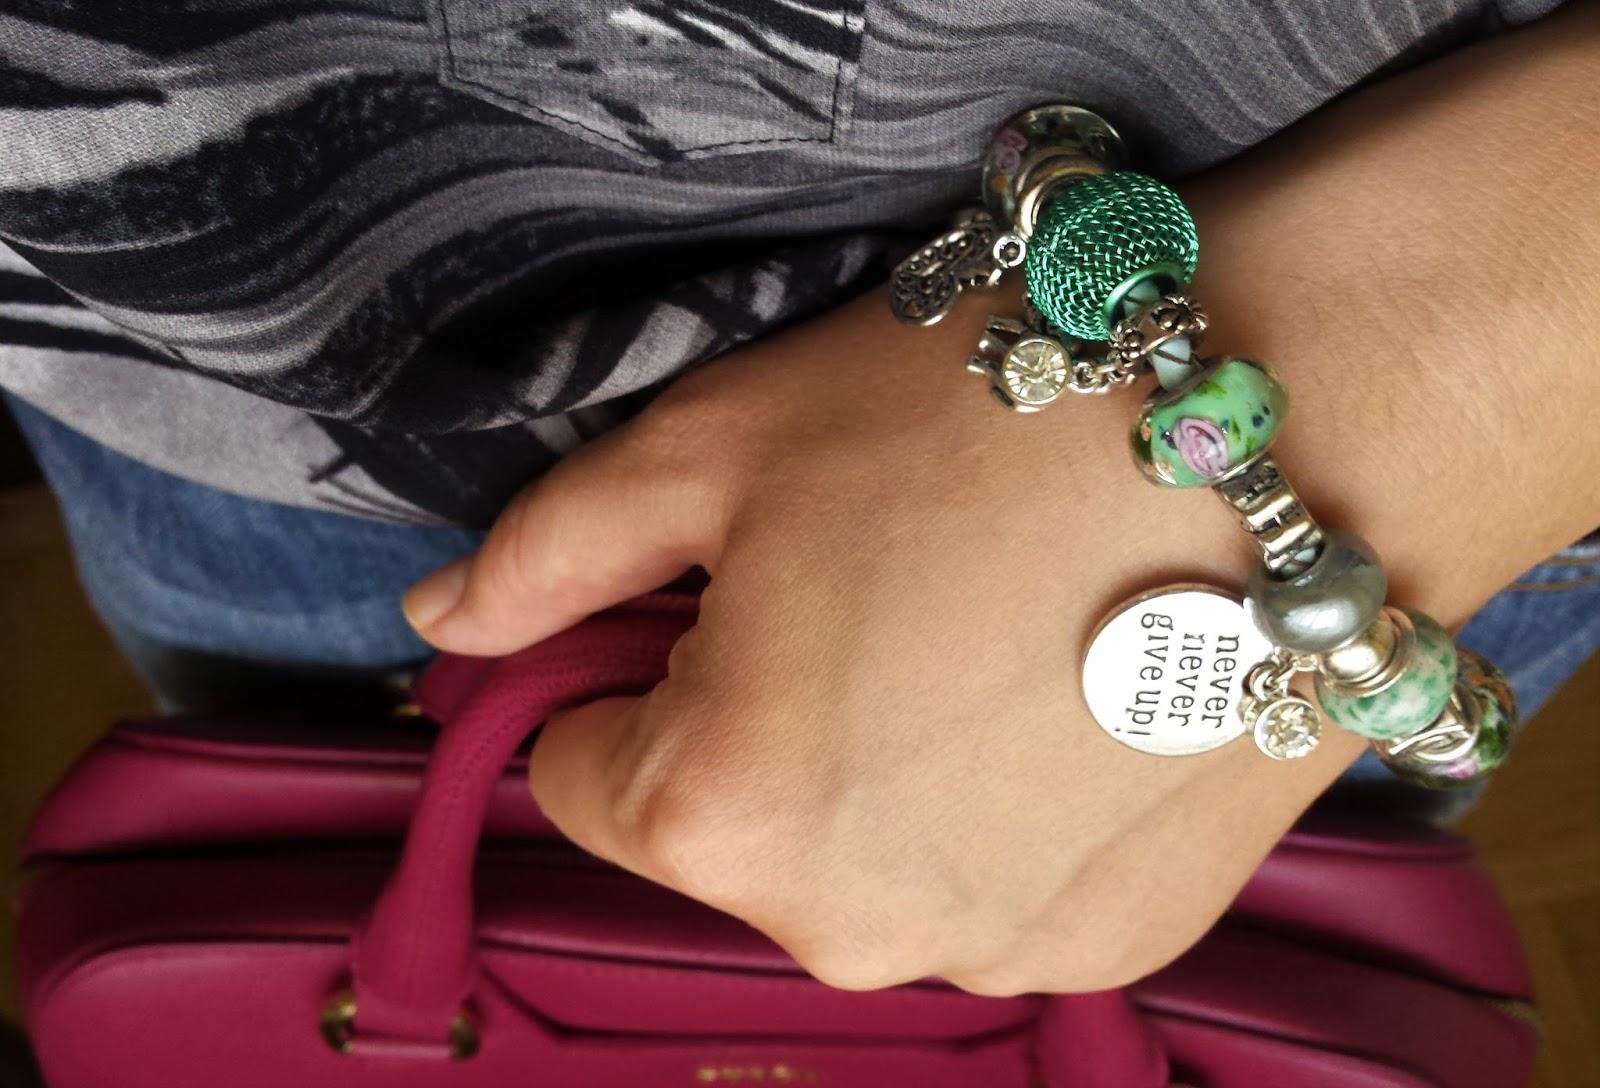 TopArt Jewelry bransoletka modułowa charms, polska biżuteria, blog biżuteryjny, netstylistka